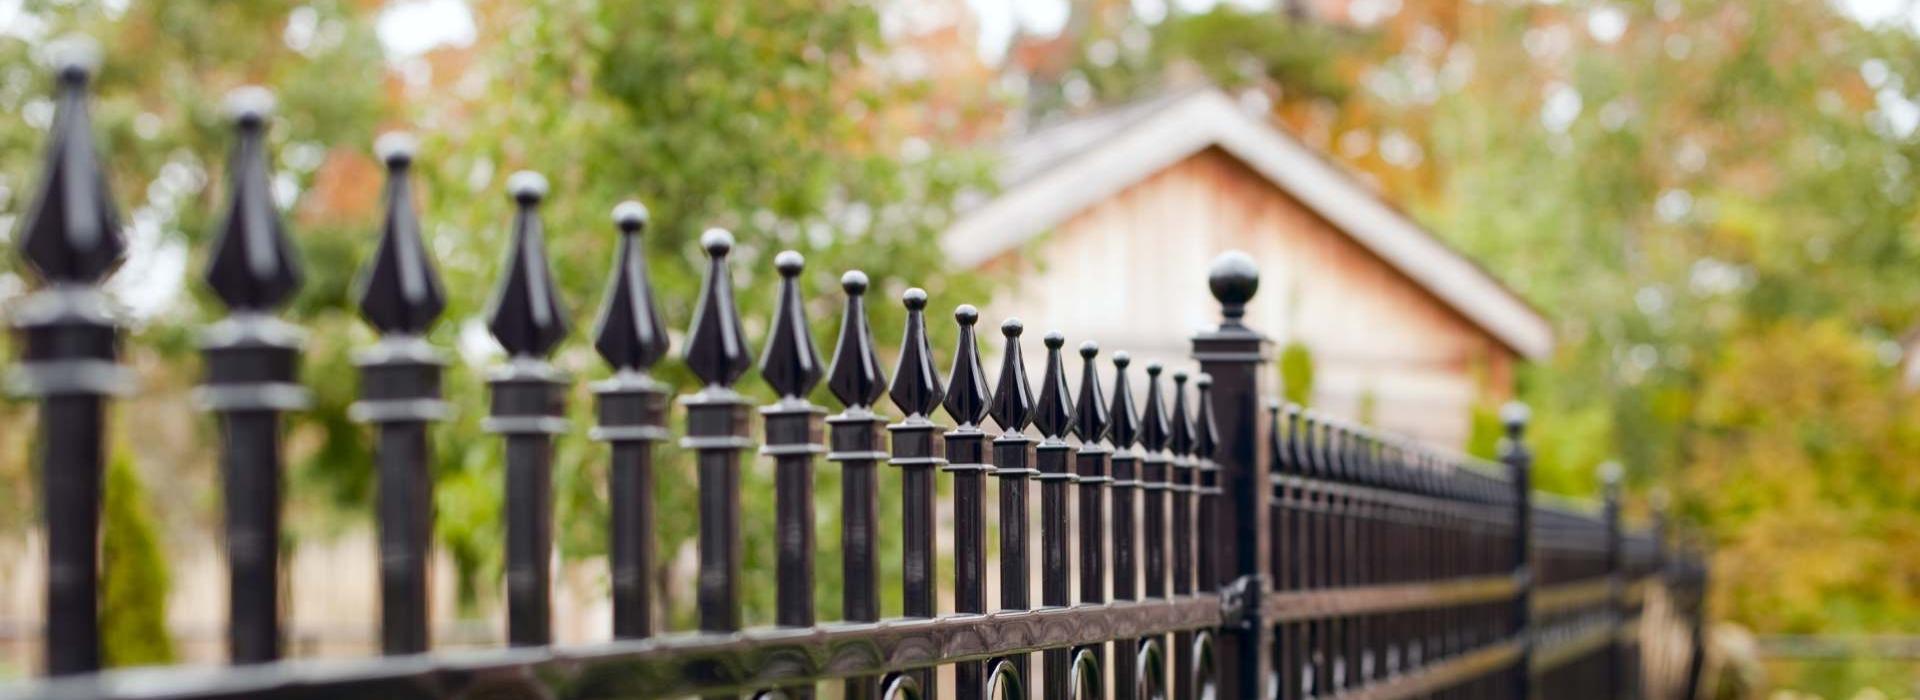 Closystem : Installation de clôture, portail et aménagement extérieur